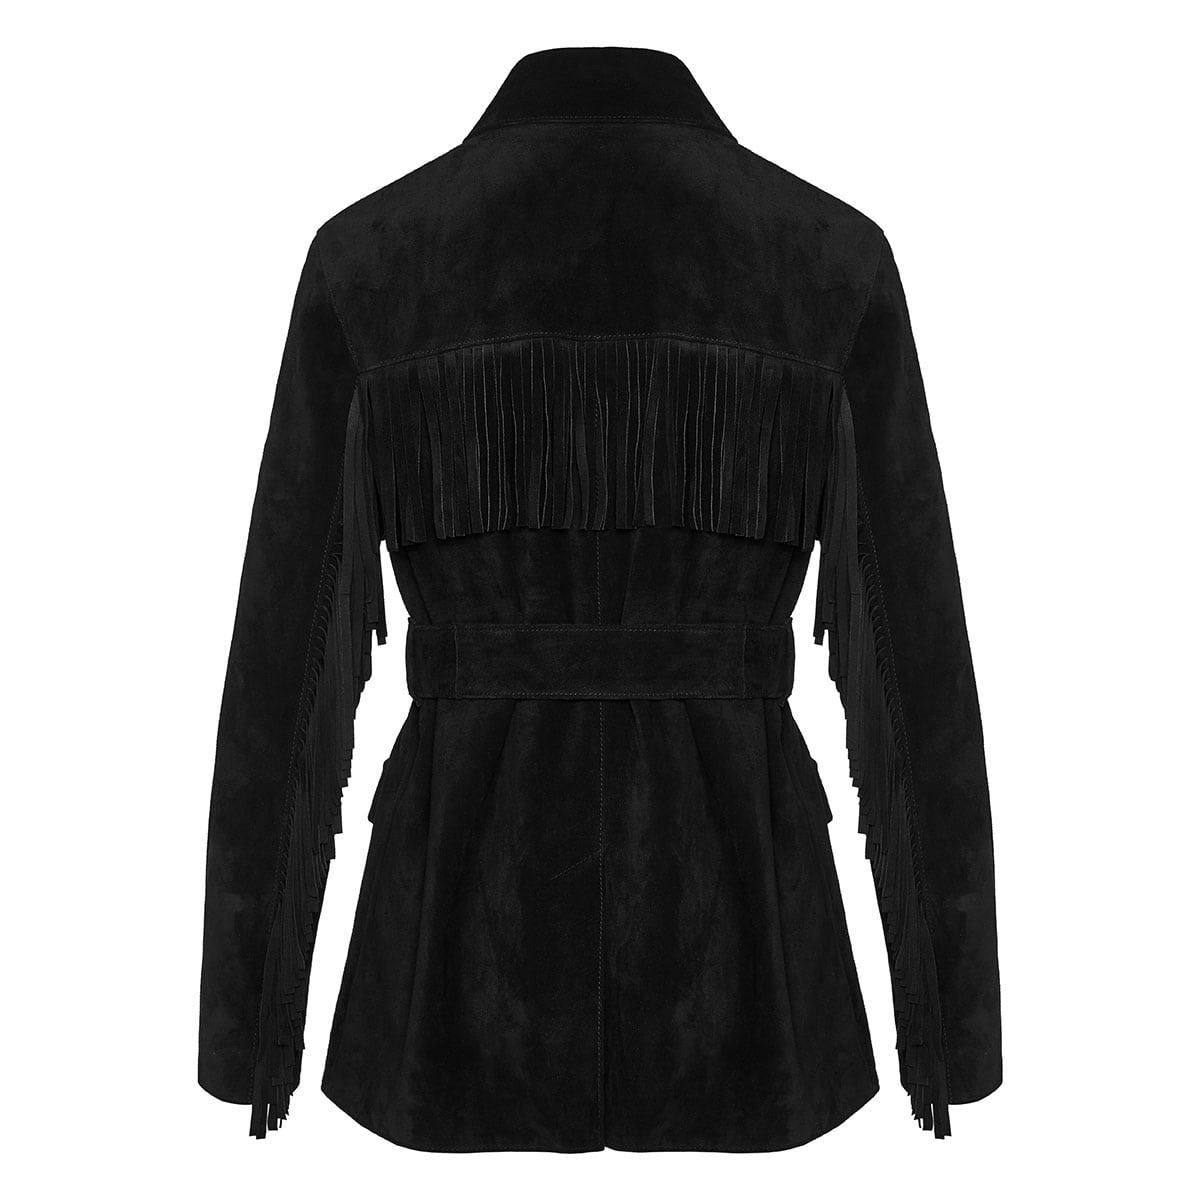 Fringed suede jacket